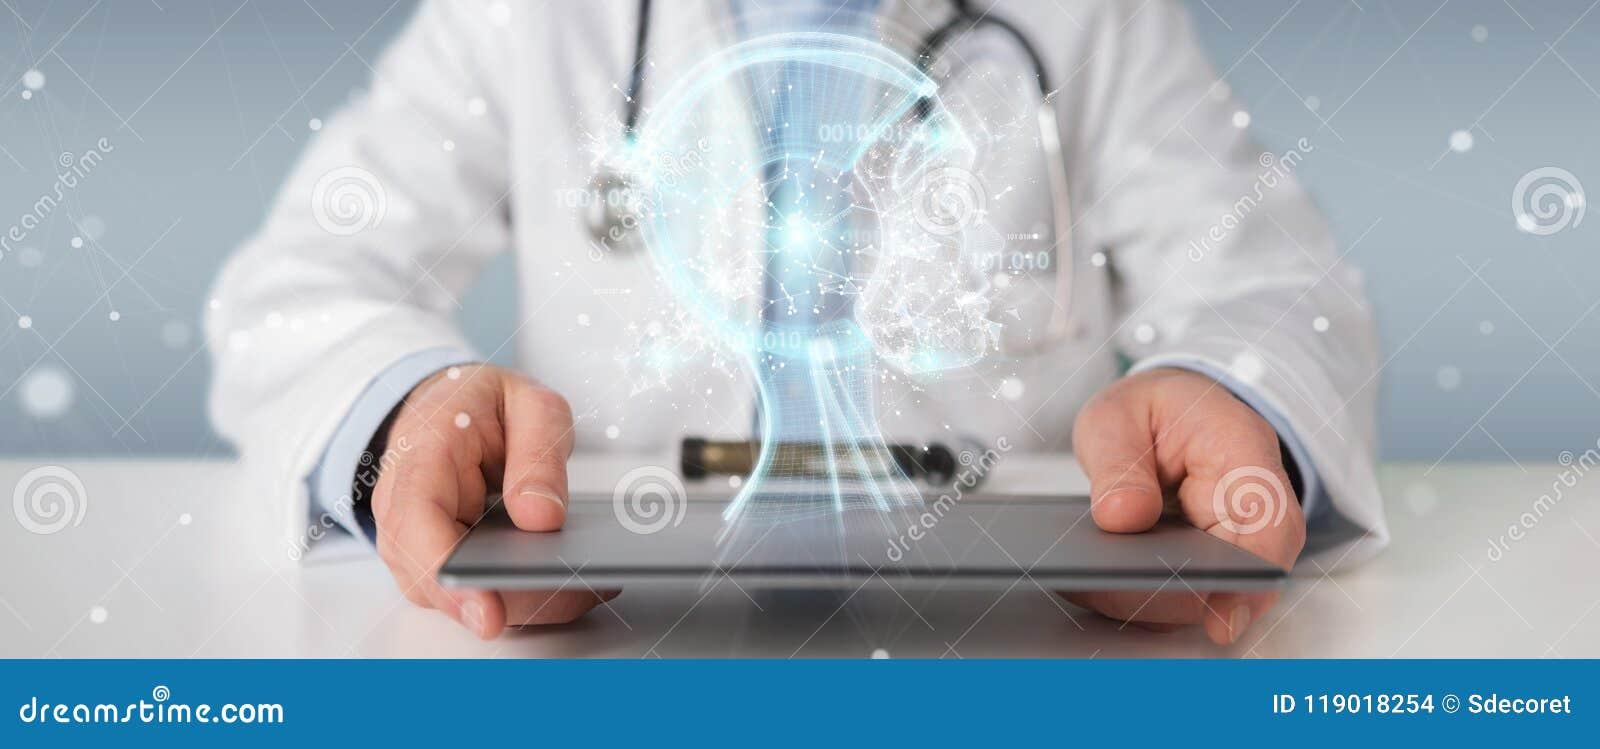 Ο γιατρός που χρησιμοποιεί την ψηφιακή διεπαφή τεχνητής νοημοσύνης τρισδιάστατη δίνει